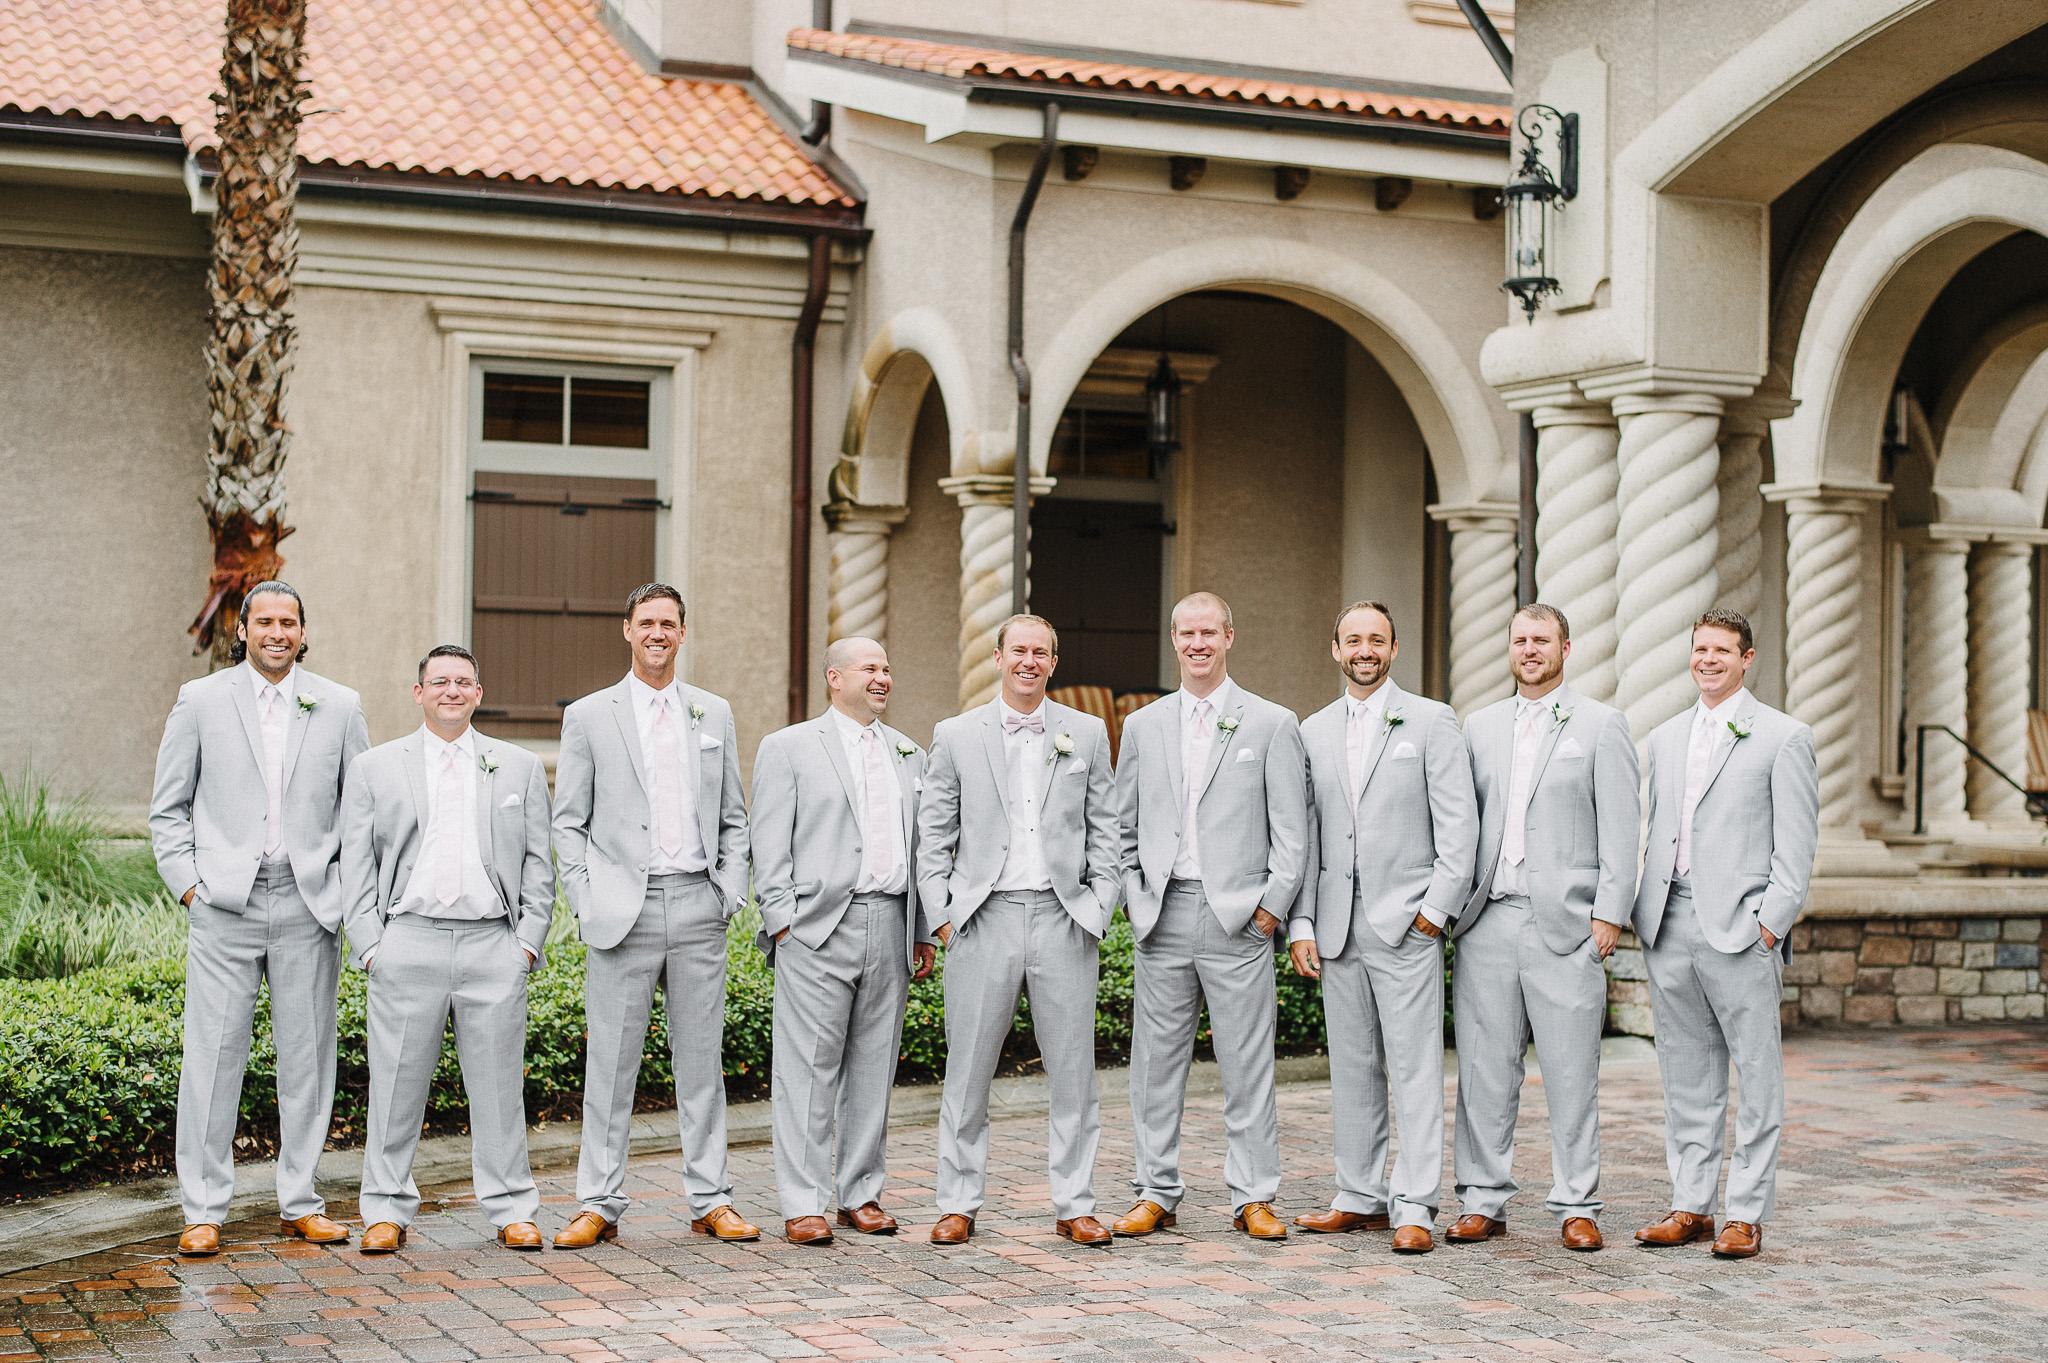 Groomsmen Light Grey Suit and Pink Tie